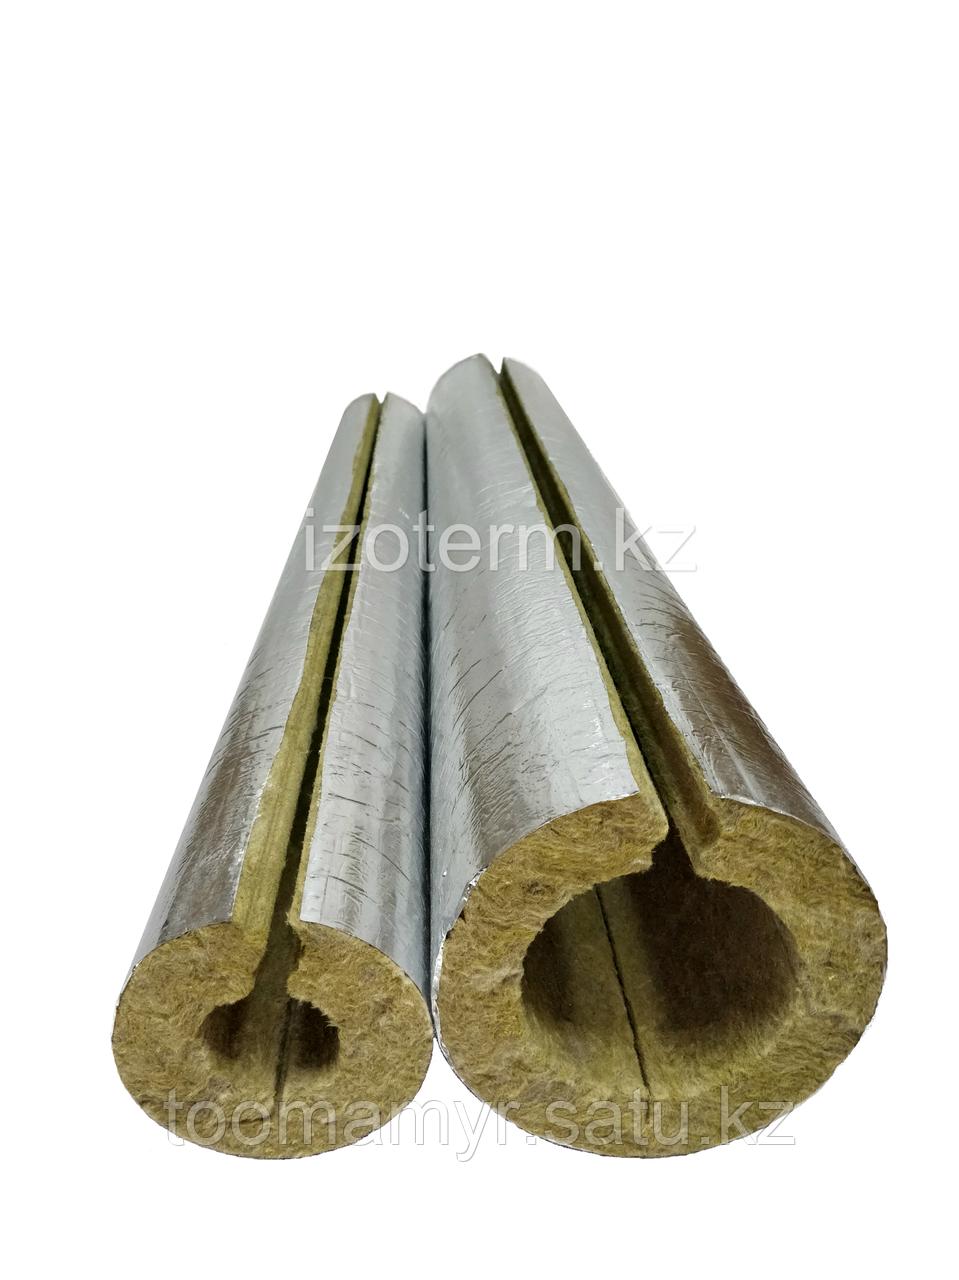 Цилиндры и полуцилиндры IZOTERM с покрытием не армированной  алюминиевой фольгой